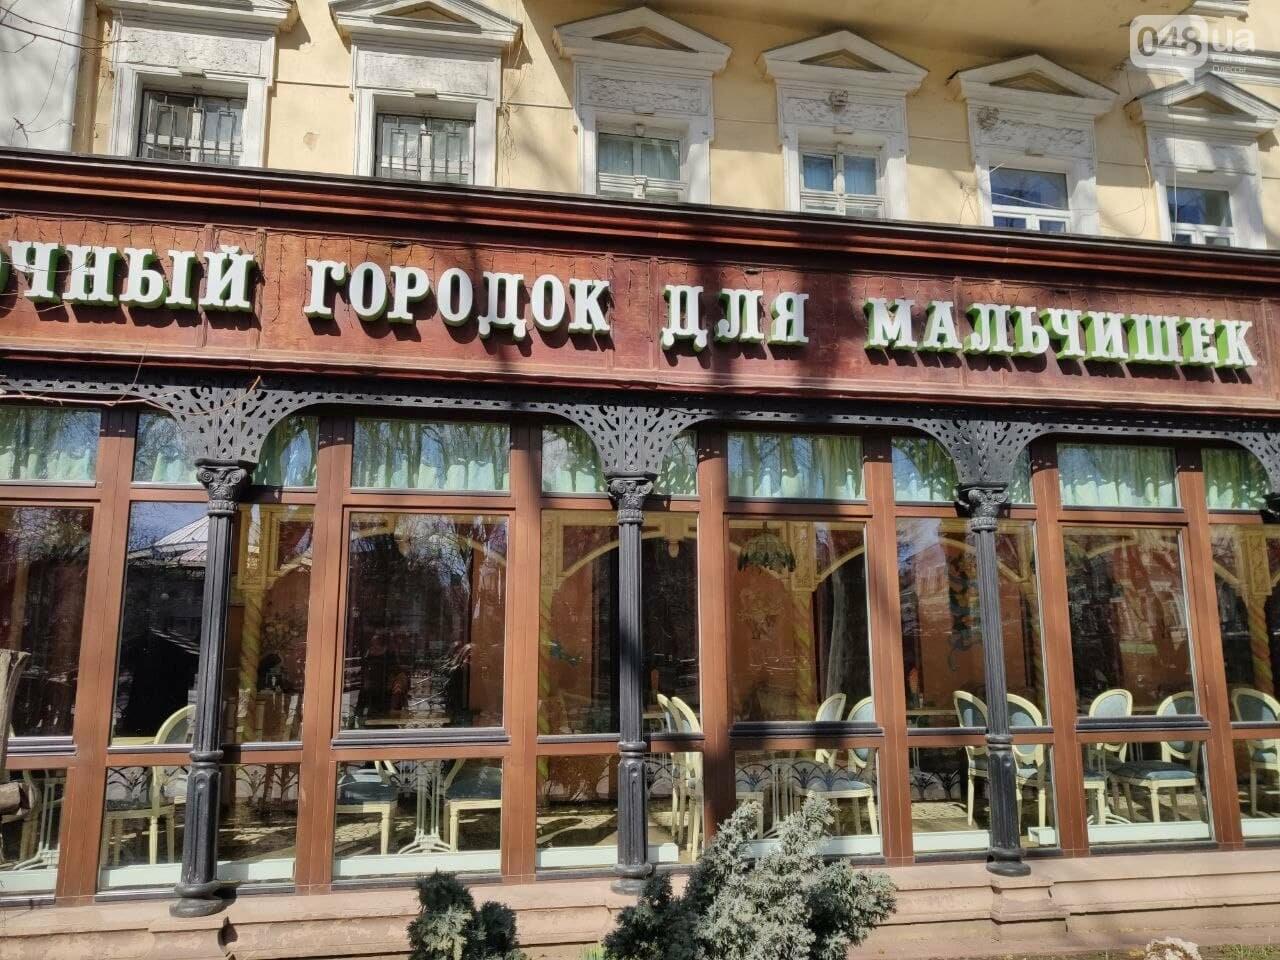 Закрыты не все: как в Одессе работают кафе и рестораны, - ФОТО, фото-7